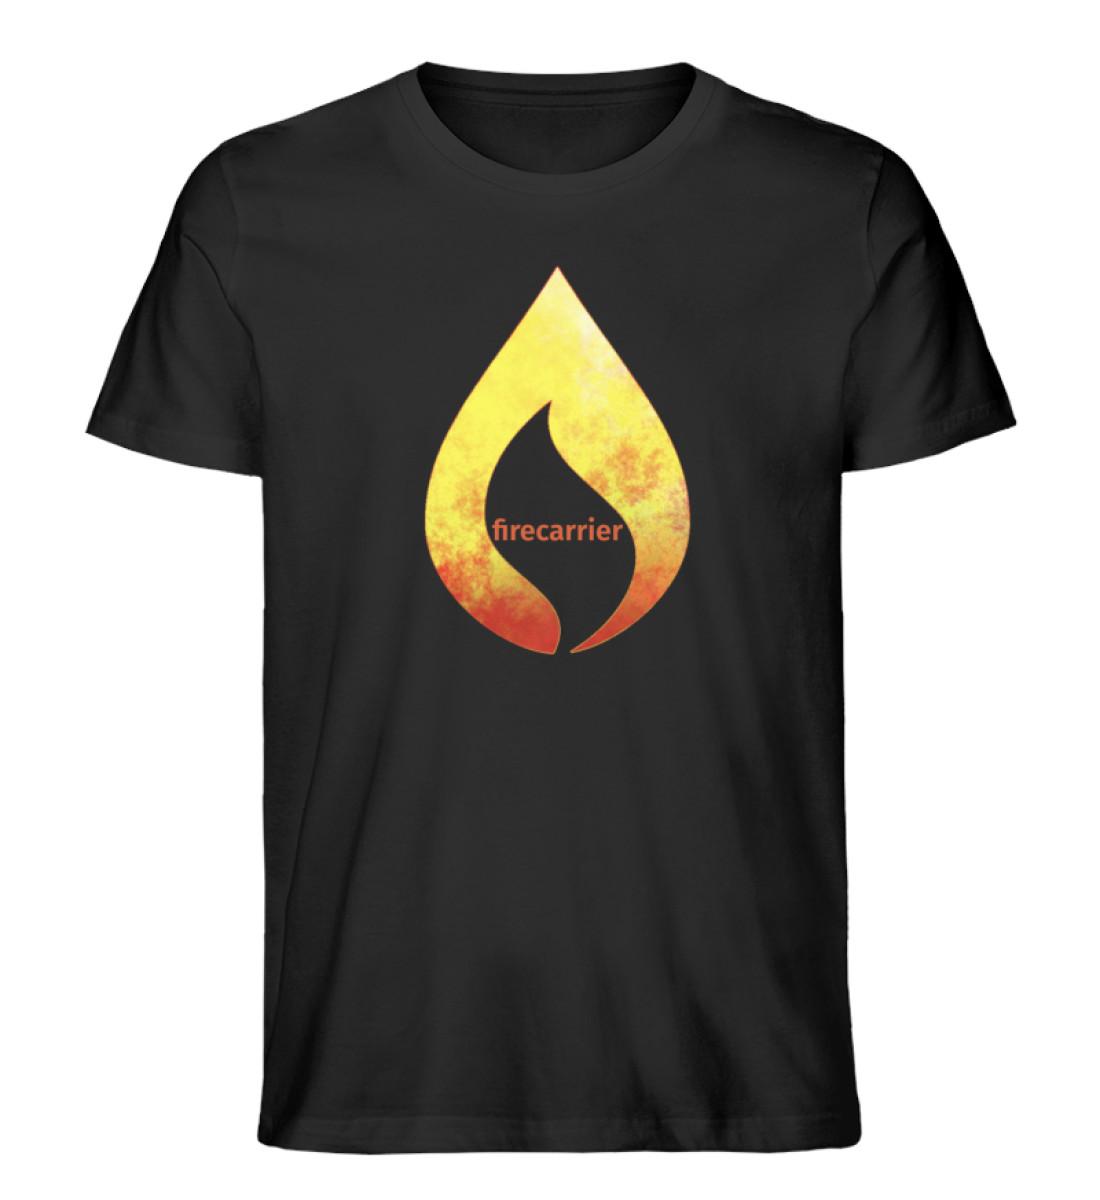 hot fire - Herren Premium Organic Shirt-16